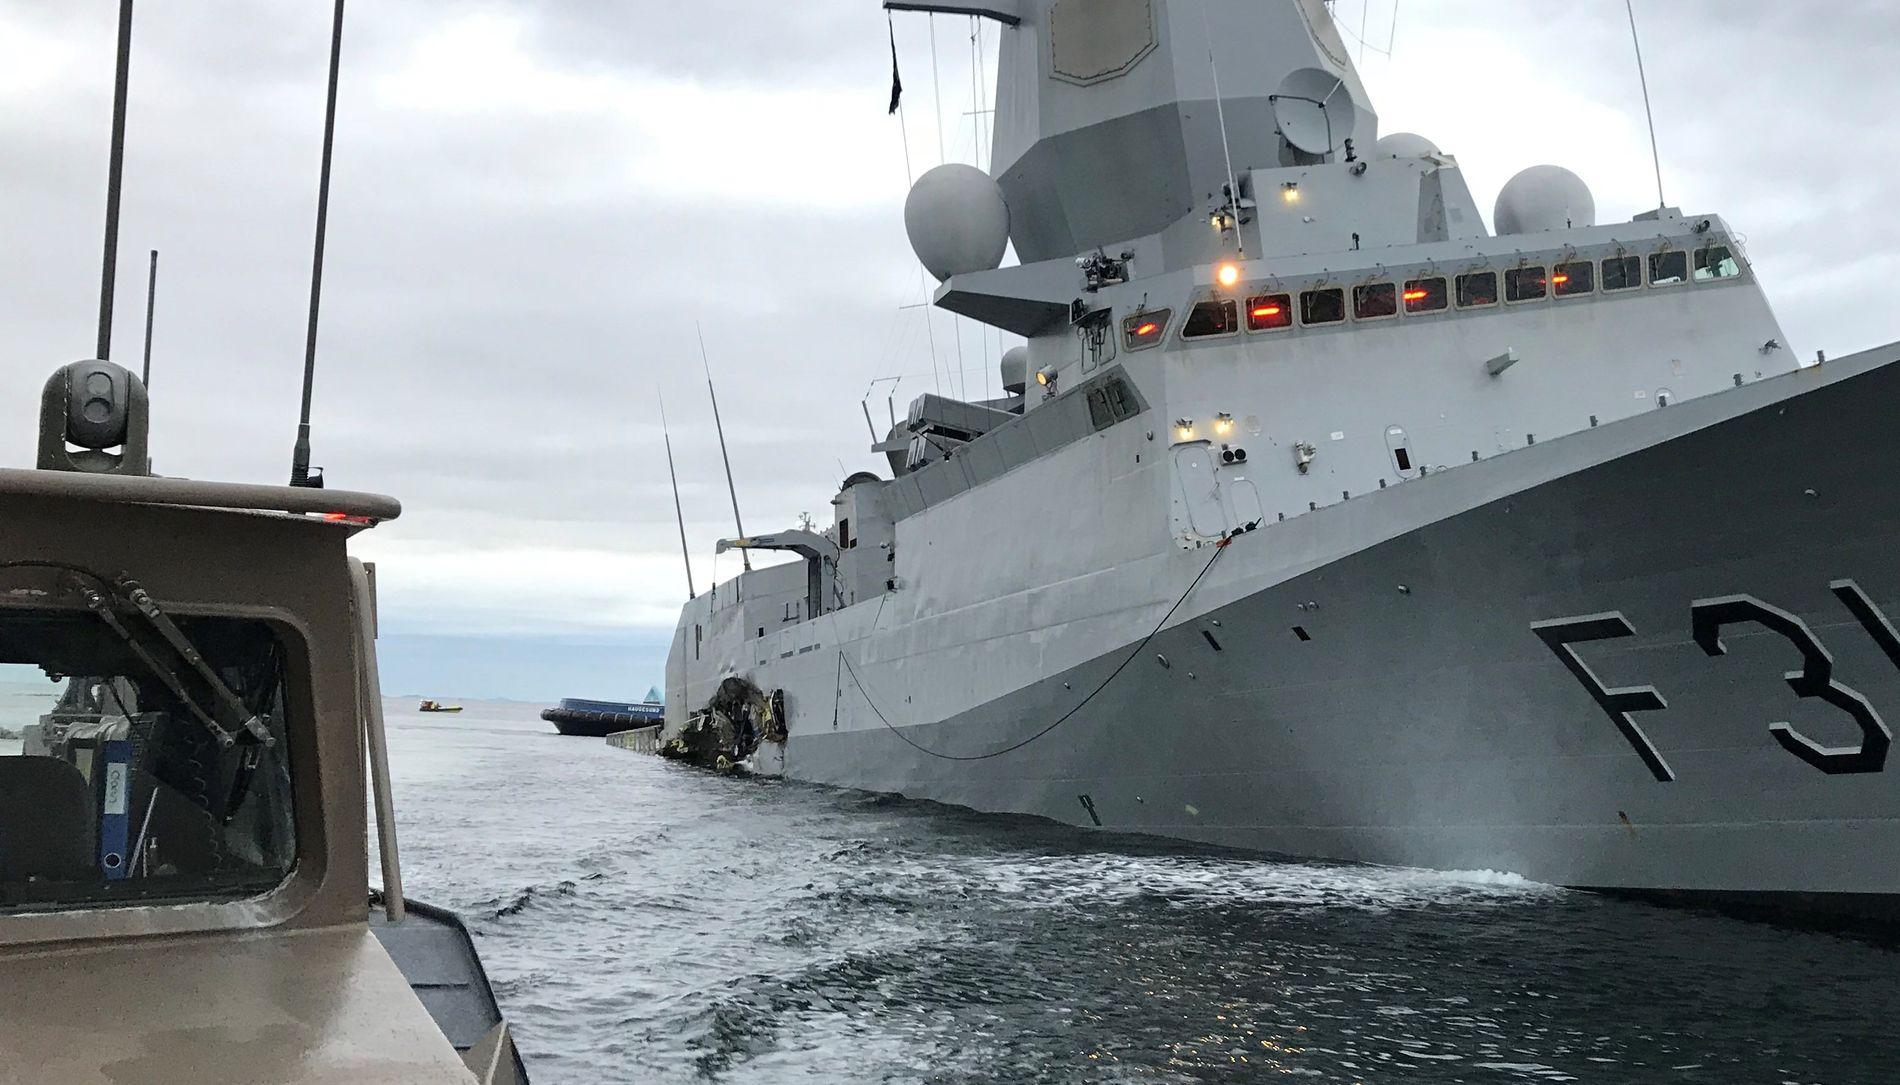 BANESÅRET: Slik var situasjonen tidlig om morgenen 8. november i fjor. Sjøforsvarets stolte fregatt hadde fått banesåret – en 20 meter lang flenge på akterskipet som gikk under vannlinjen og førte til at skipet til slutt sank.